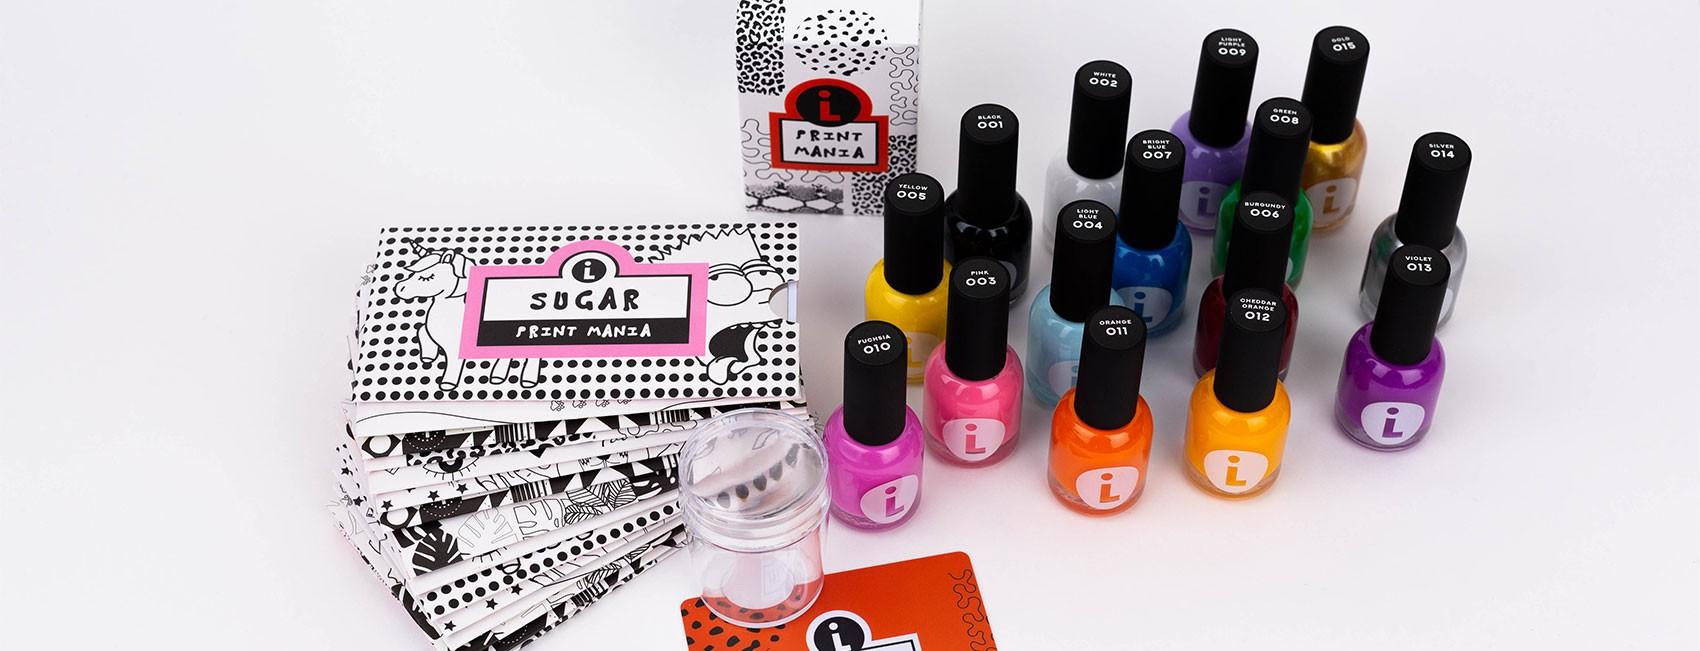 Nuevos productos de Stamping